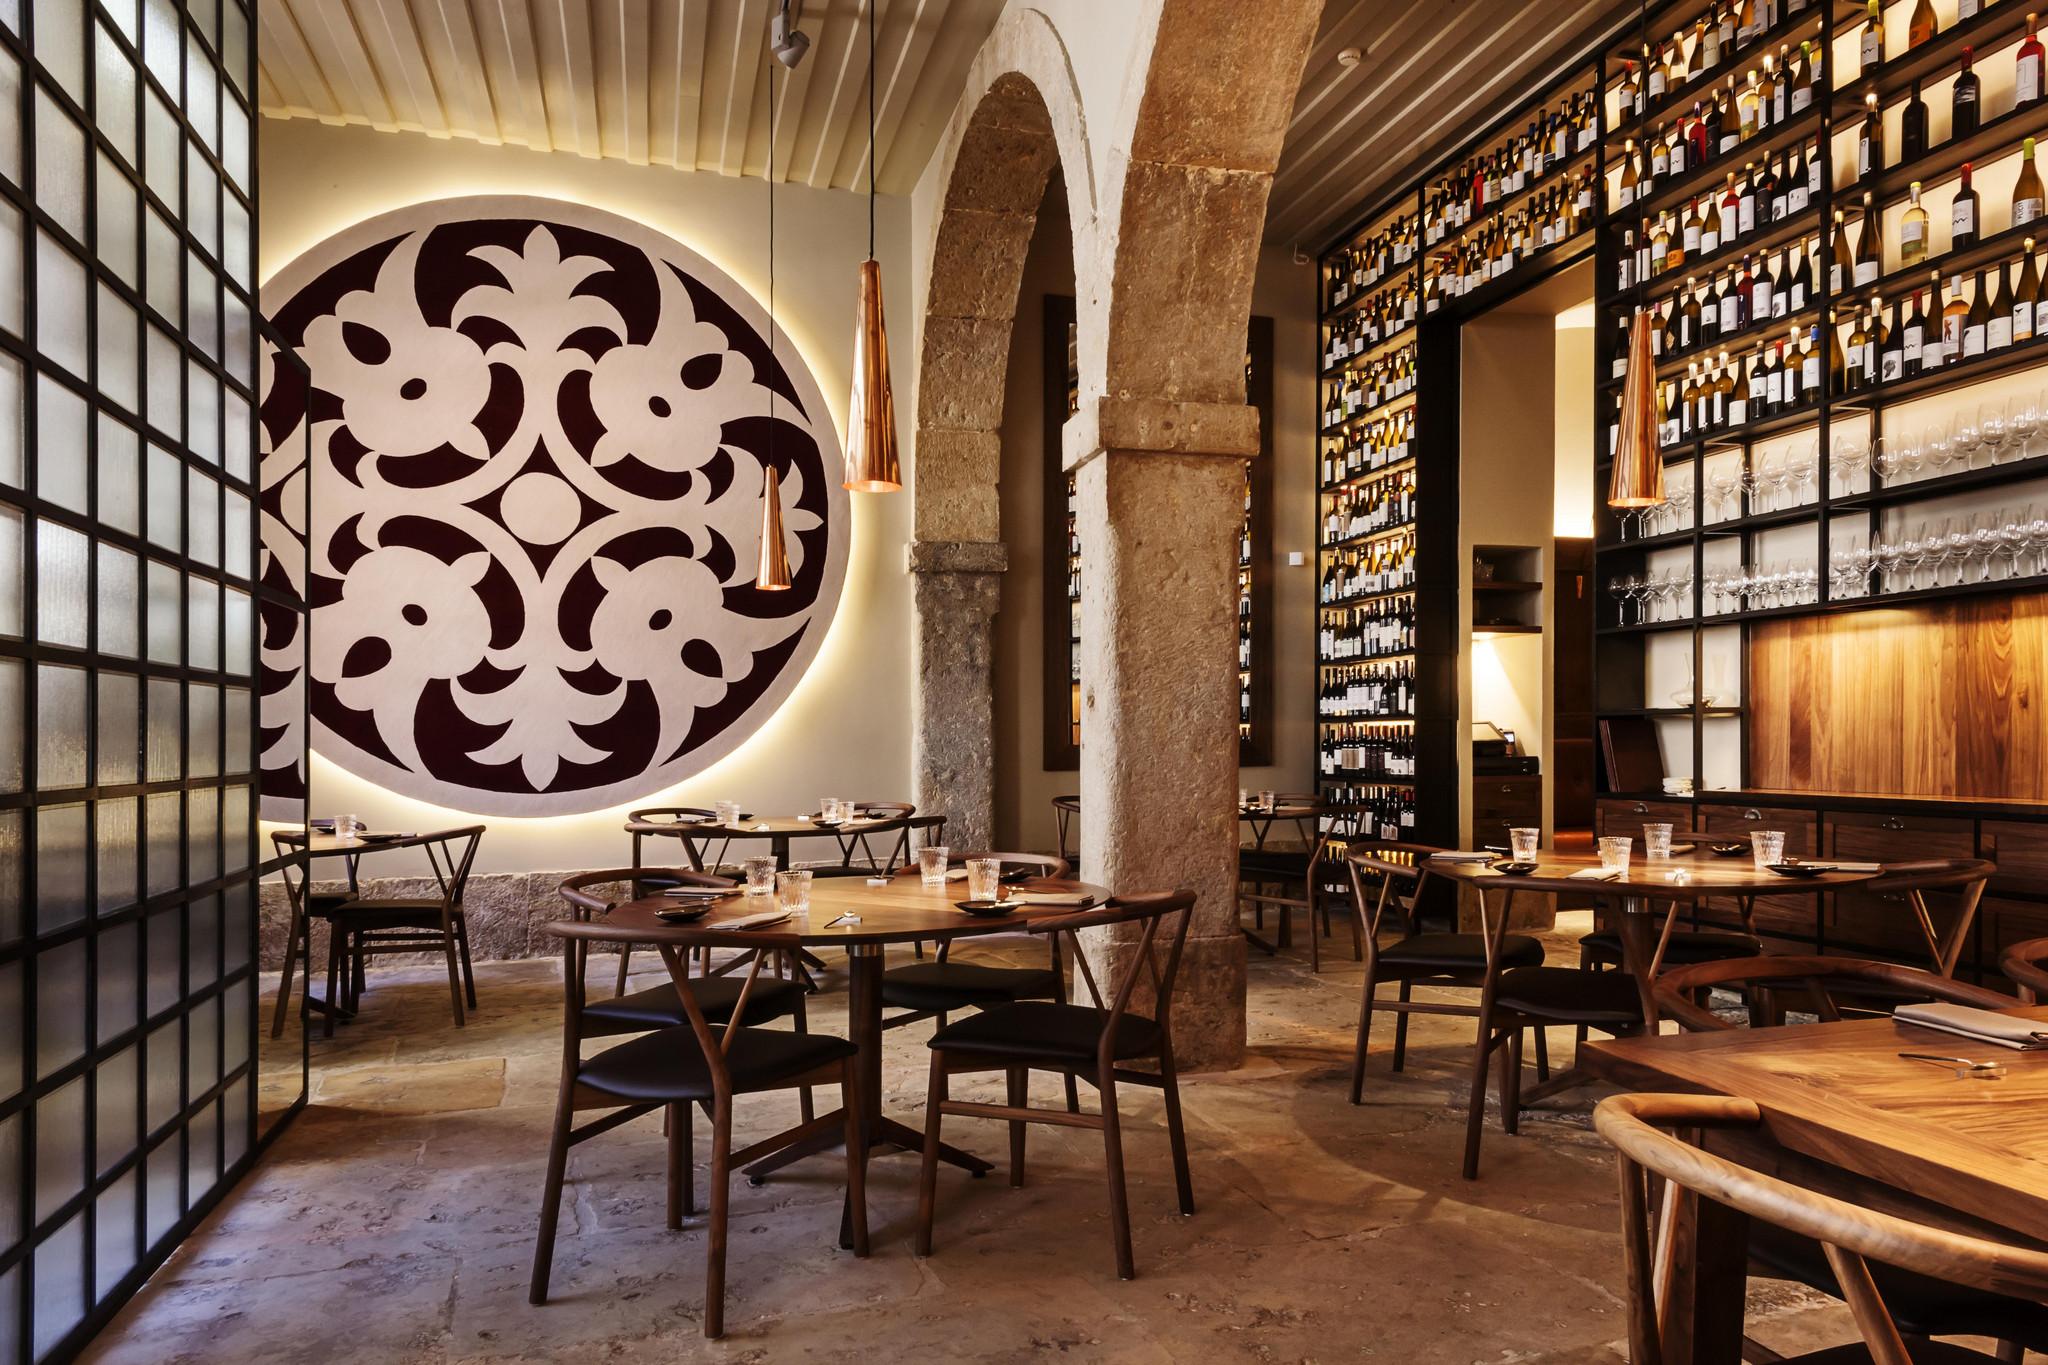 restaurante alma chef henrique sa pessoa 01.jpg